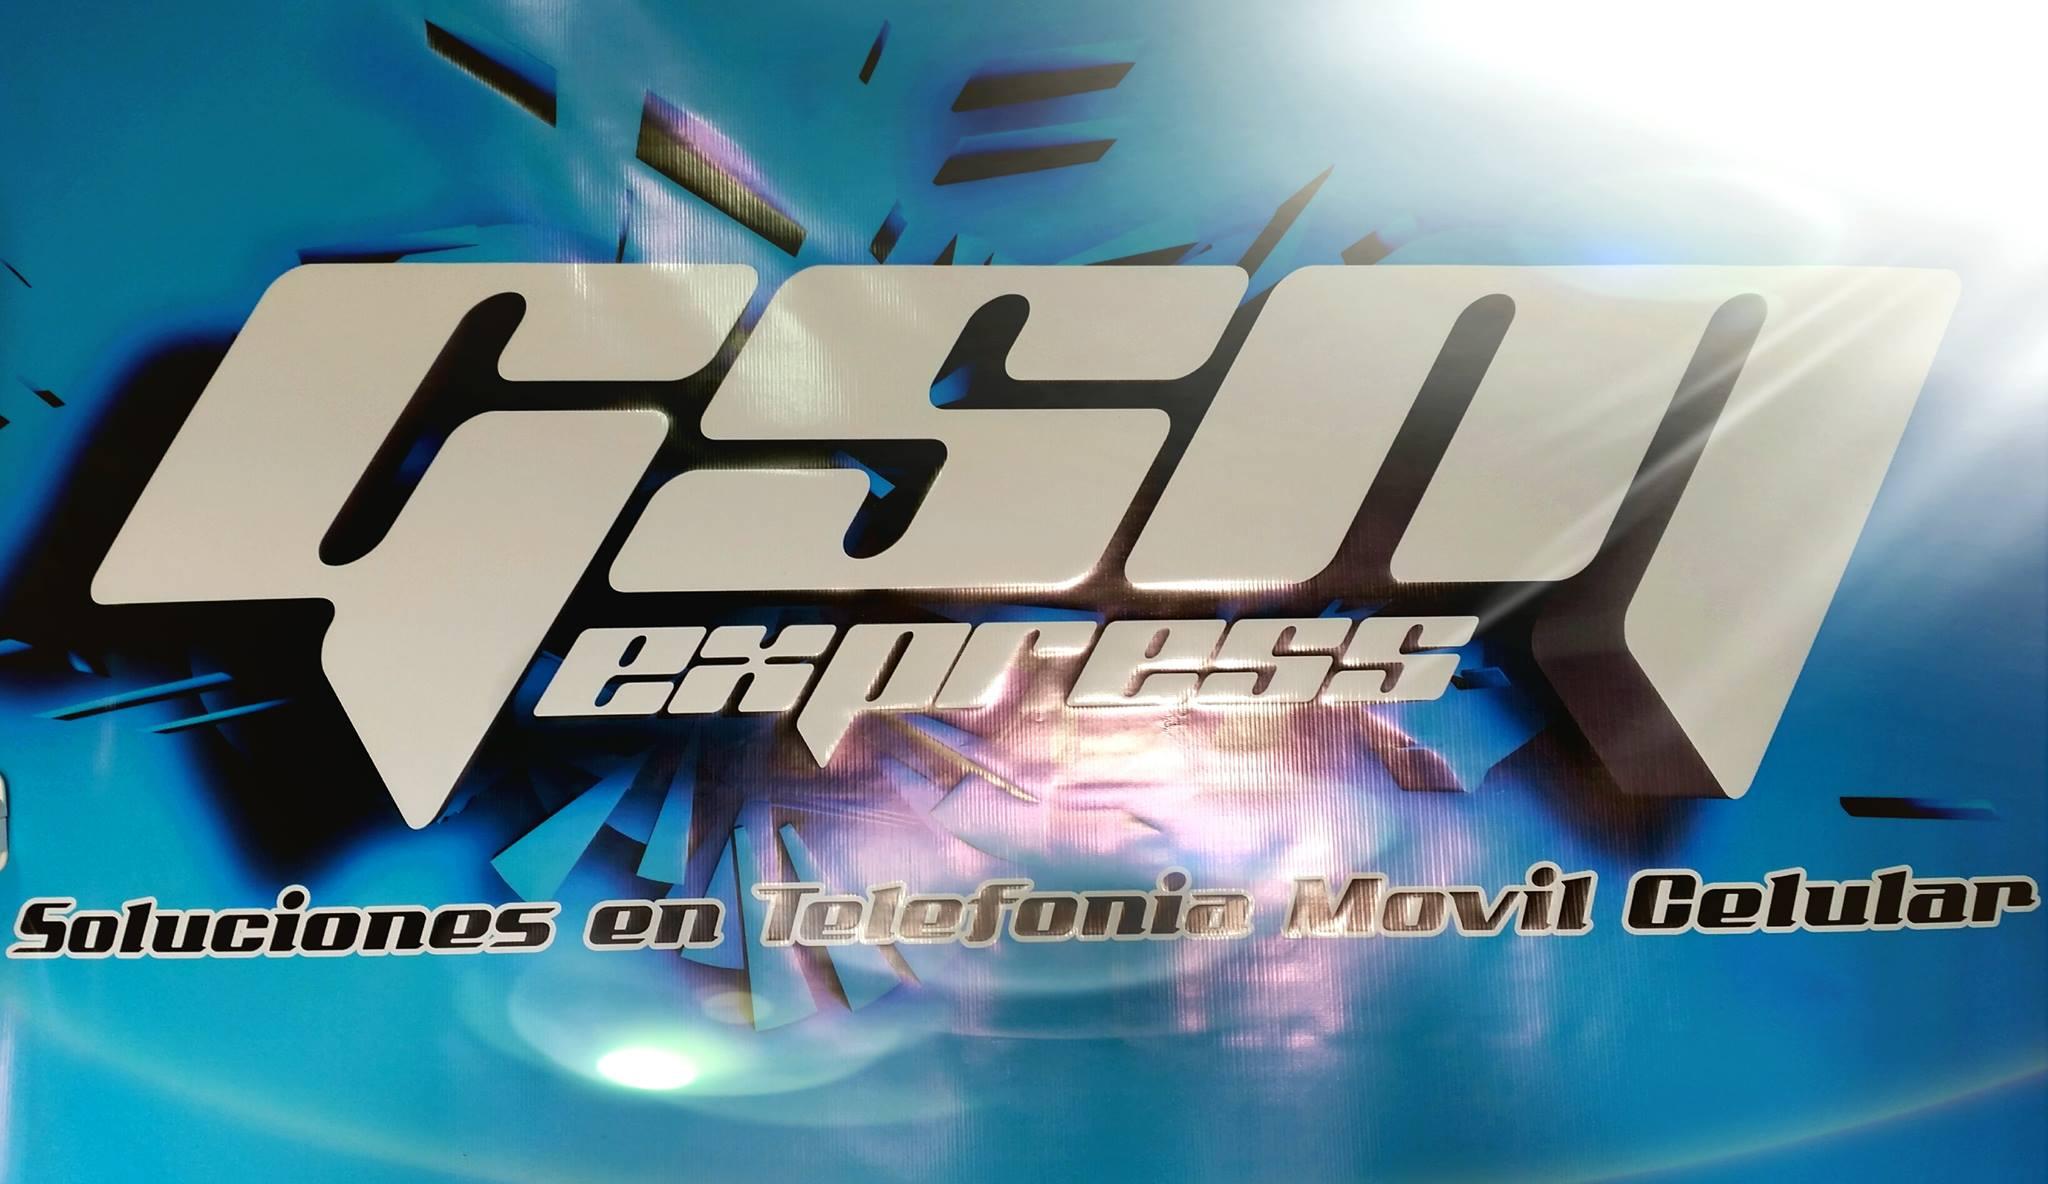 Gsm Express